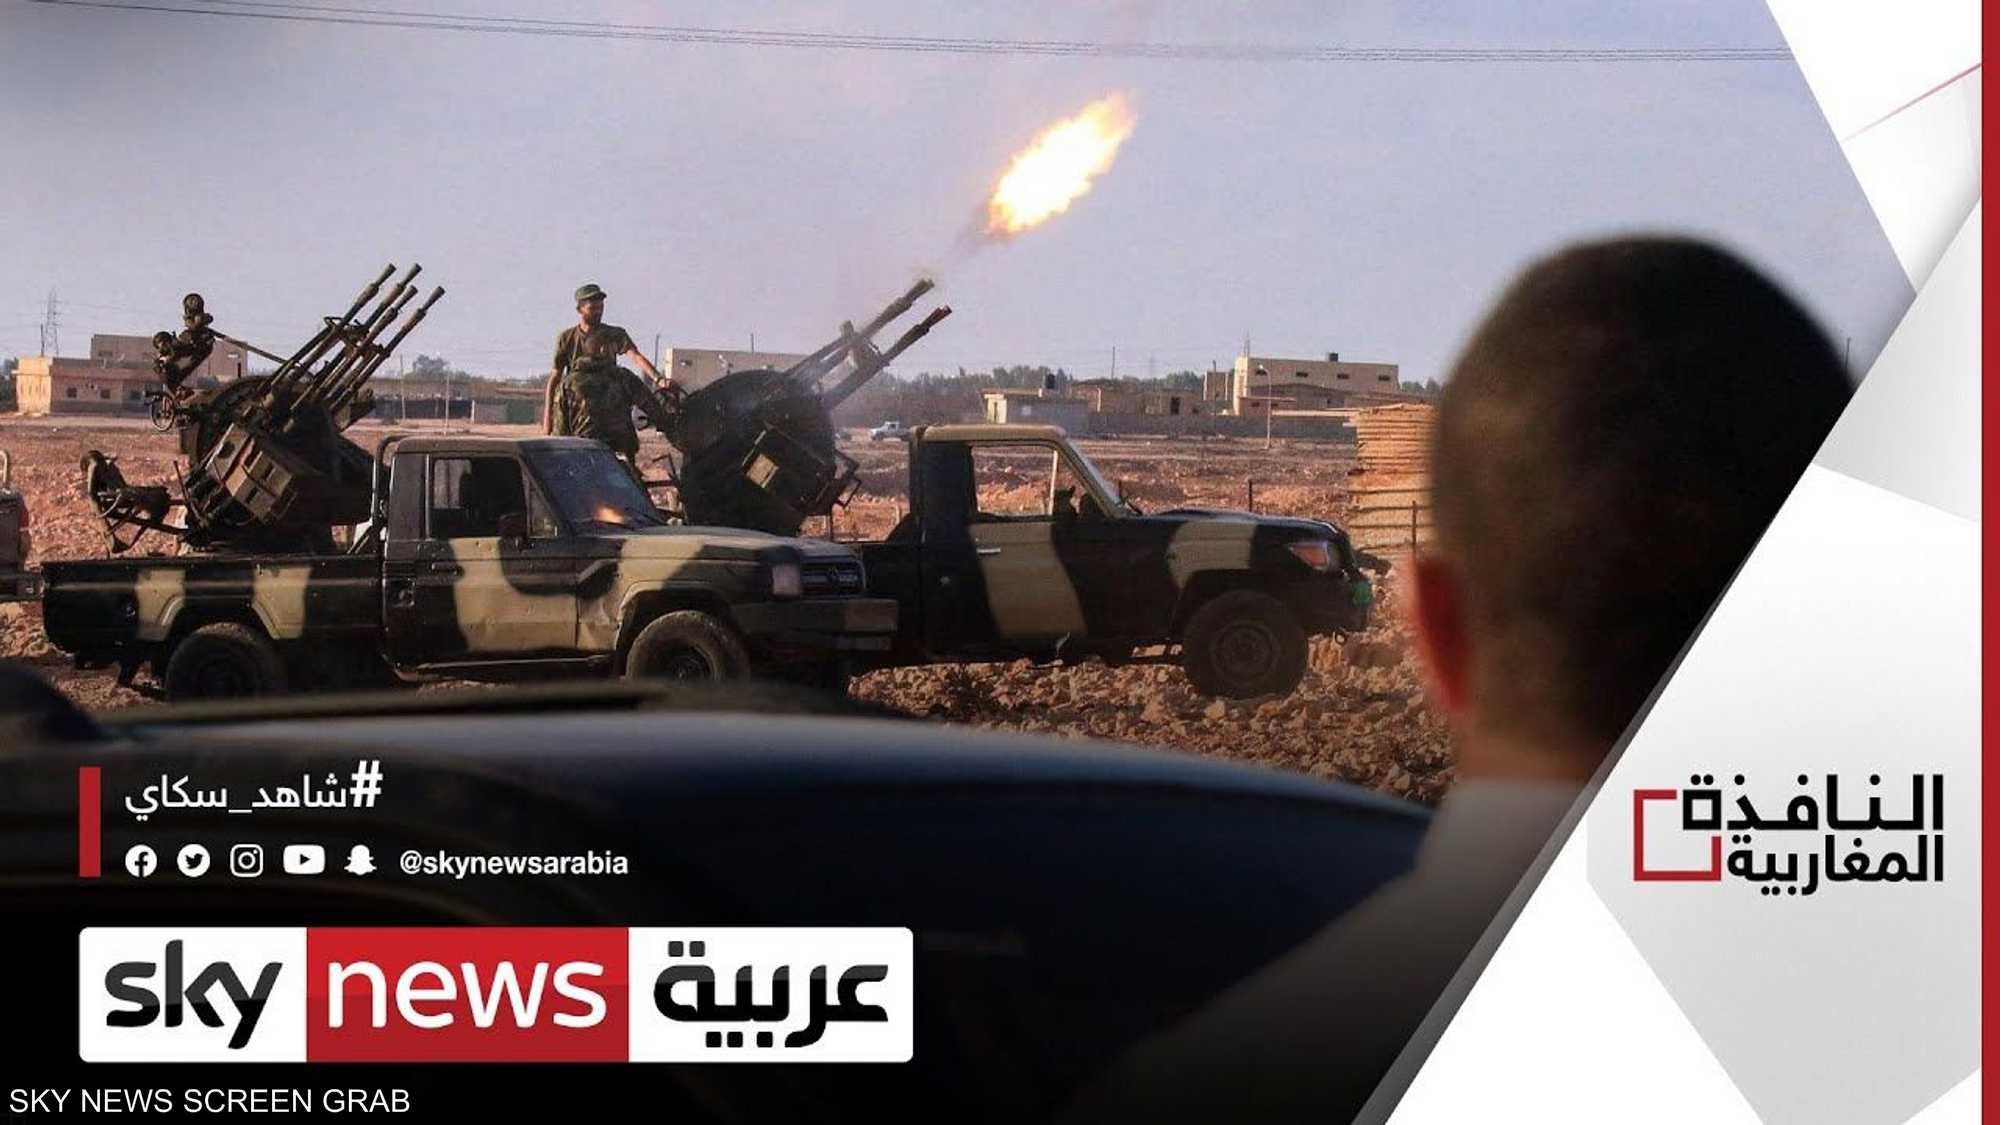 بدء خطة إخراج المرتزقة من ليبيا الشهر المقبل